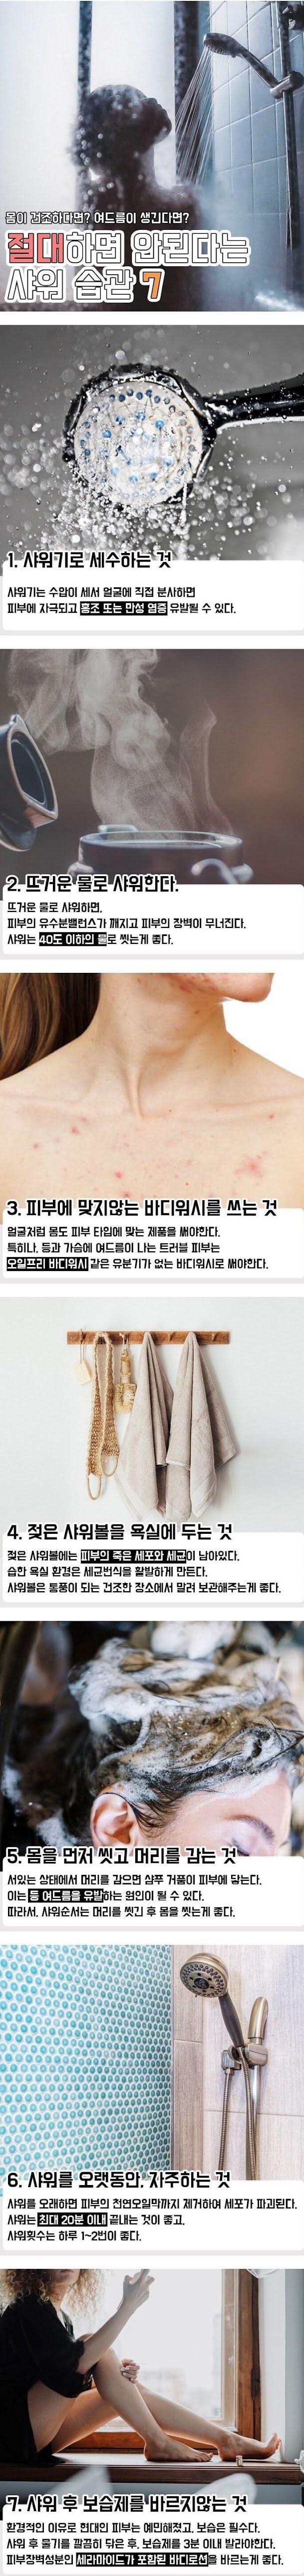 """피부트러블의 원인 """"절대하면 안되는 샤워습관 7가지"""""""